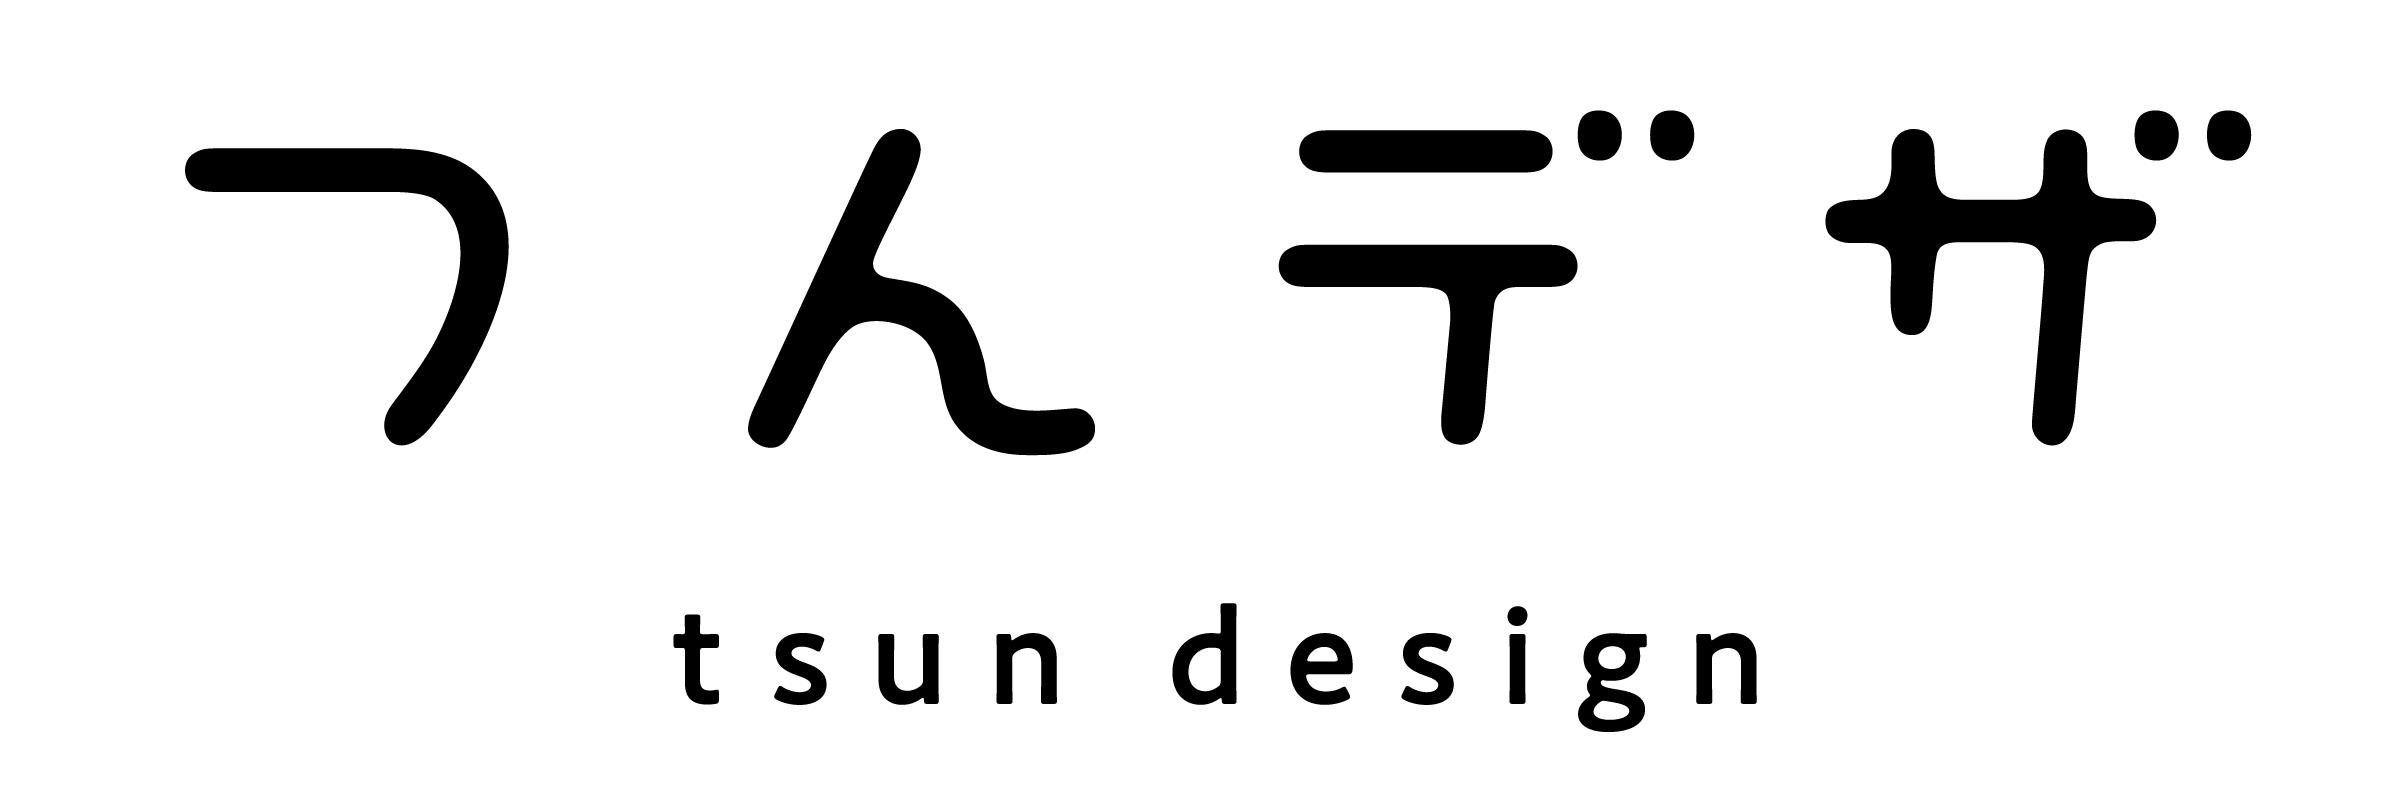 つんデザイン